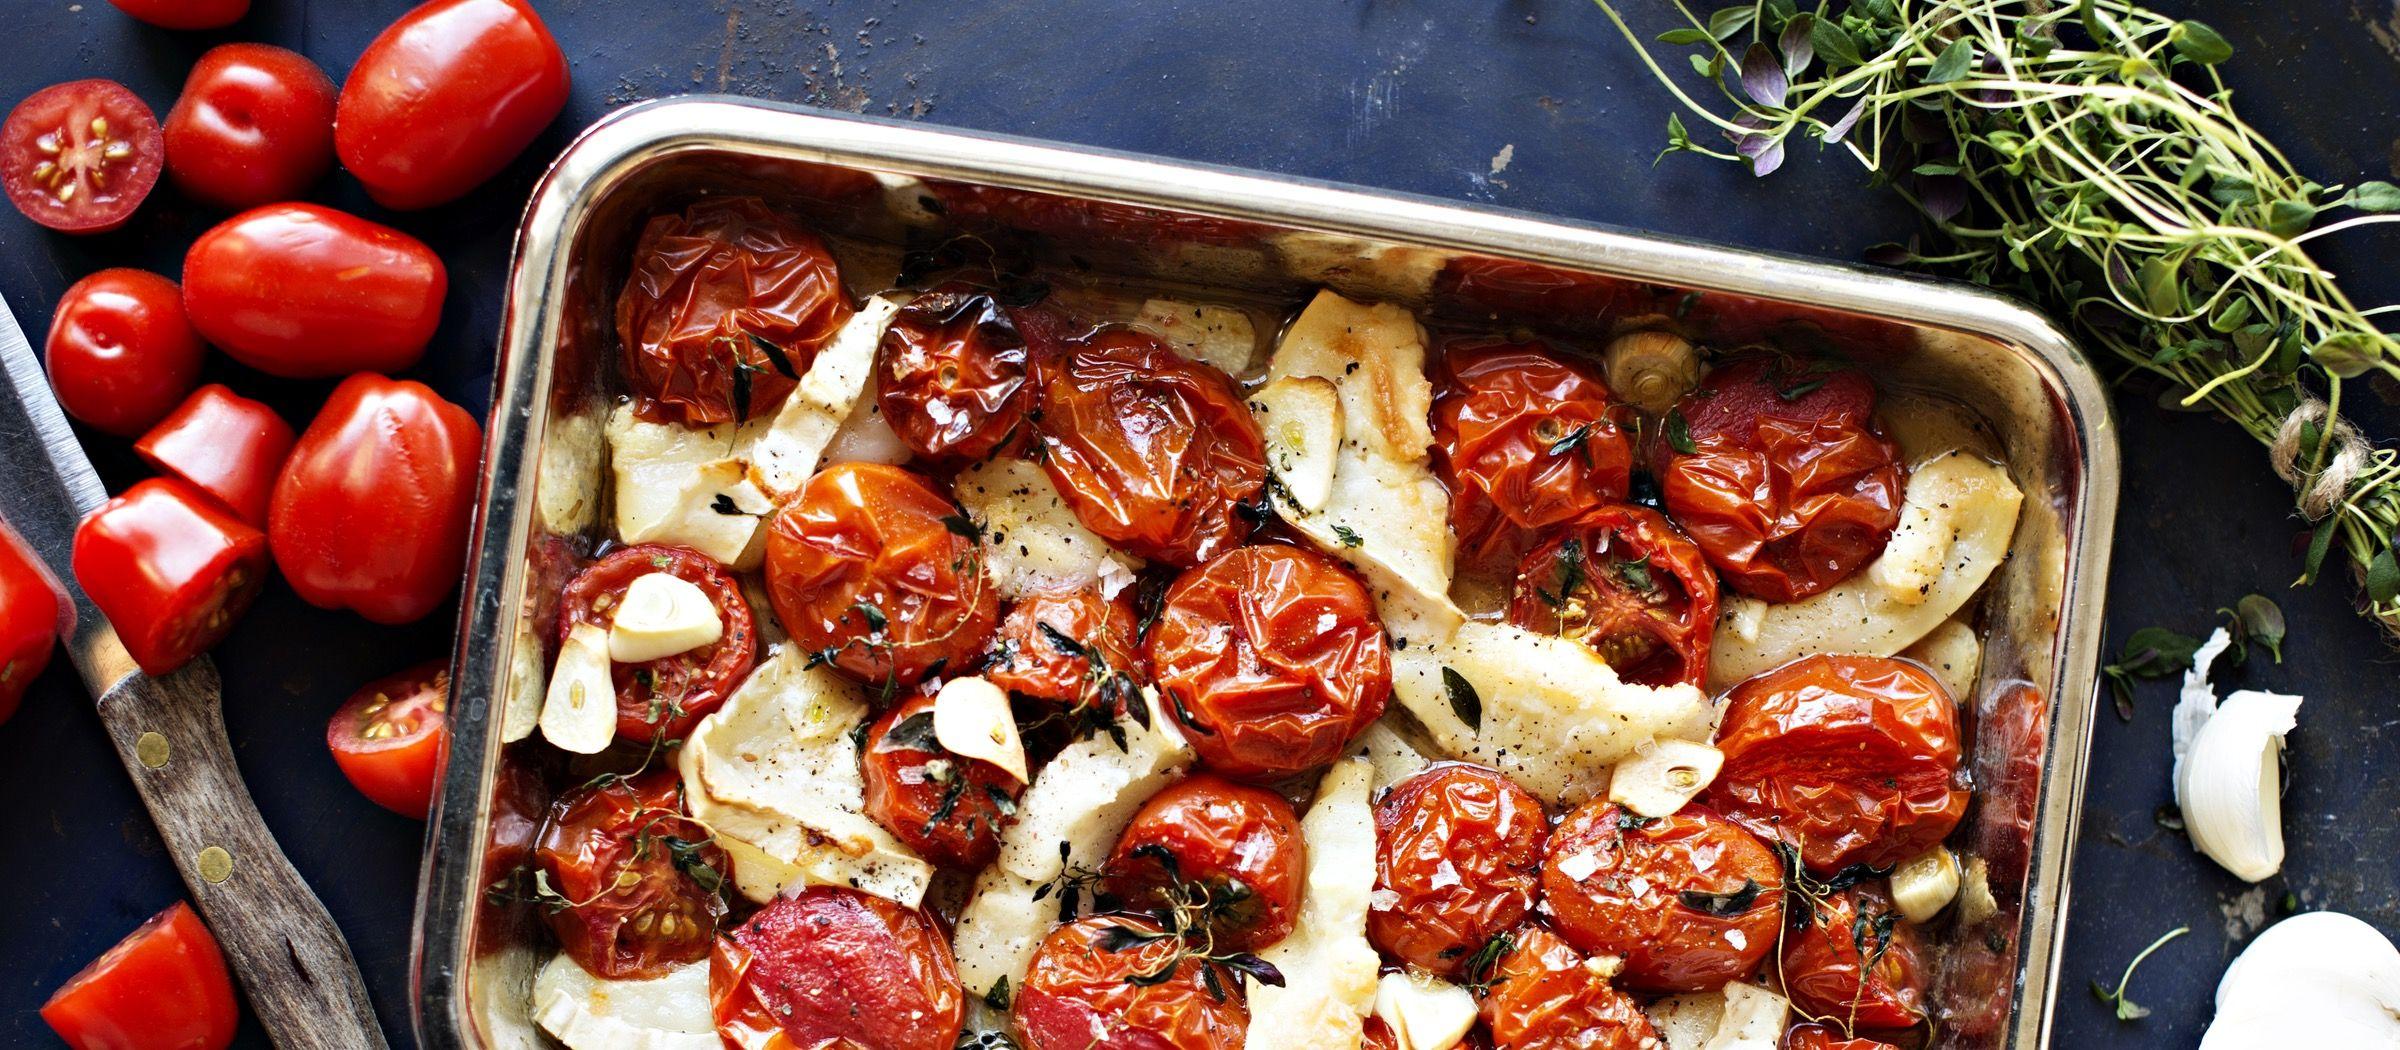 Lämmin tomaattisalaatti valmistuu helposti kypsennystä kestävistä Dunne-erikoistomaateista ja vuohenjuustosta ja mausteista uunivuoassa. N. 3,15€/annos*.